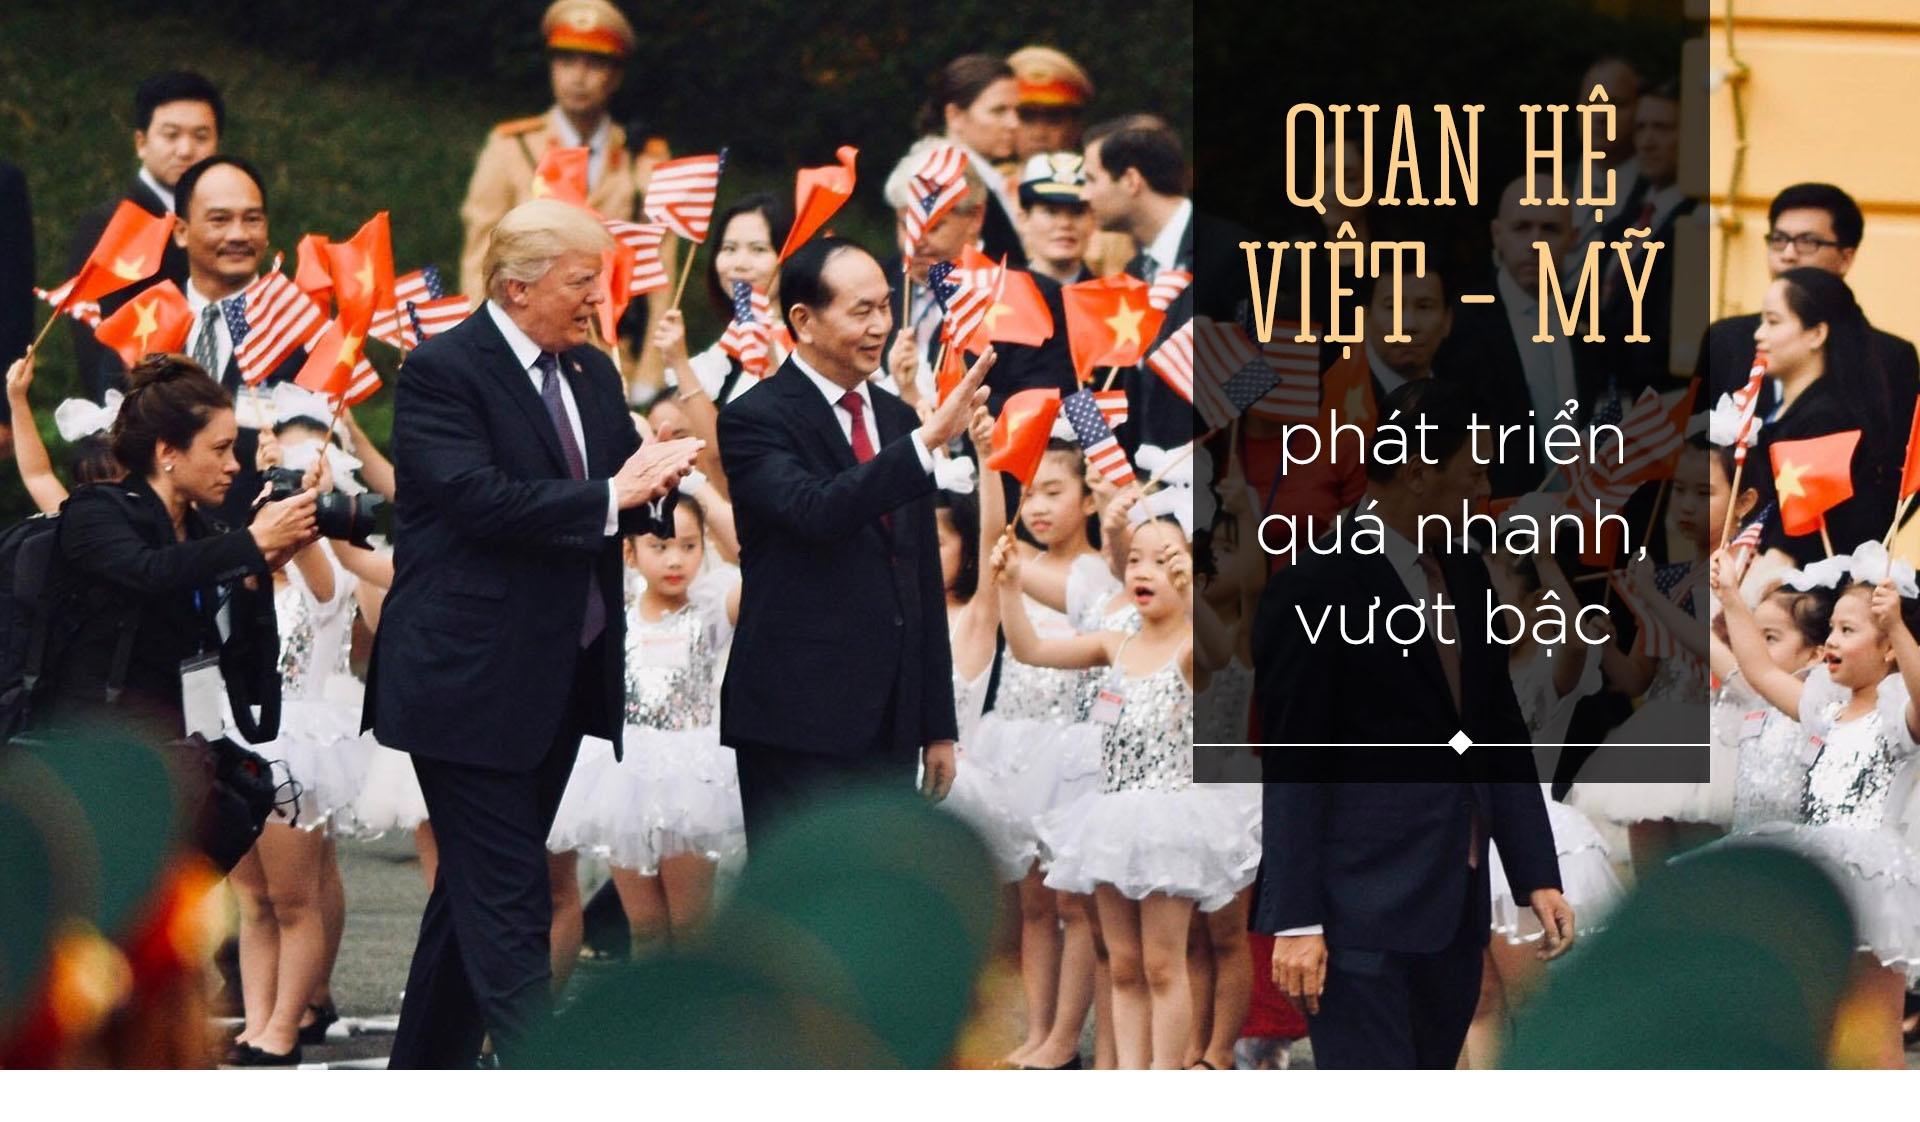 TT Trump toi VN: 'Quan he Viet - My phat trien qua nhanh, vuot bac' hinh anh 2